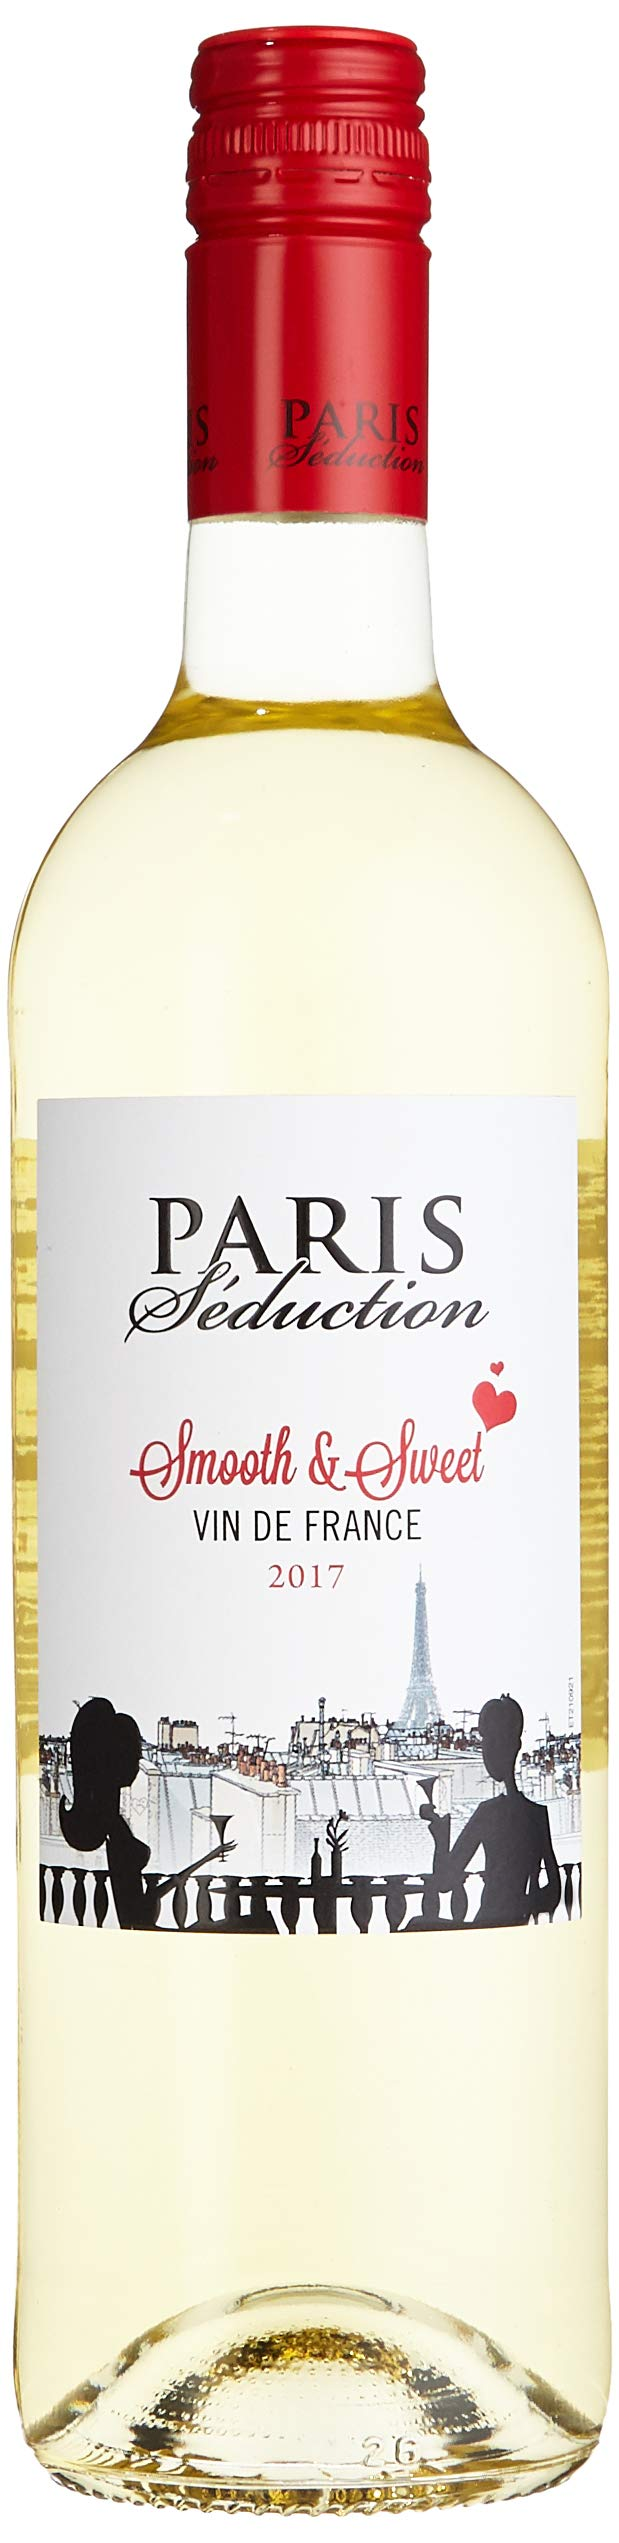 Paris-Seduction-Vin-de-France-S-Weiwein-6-x-075-l